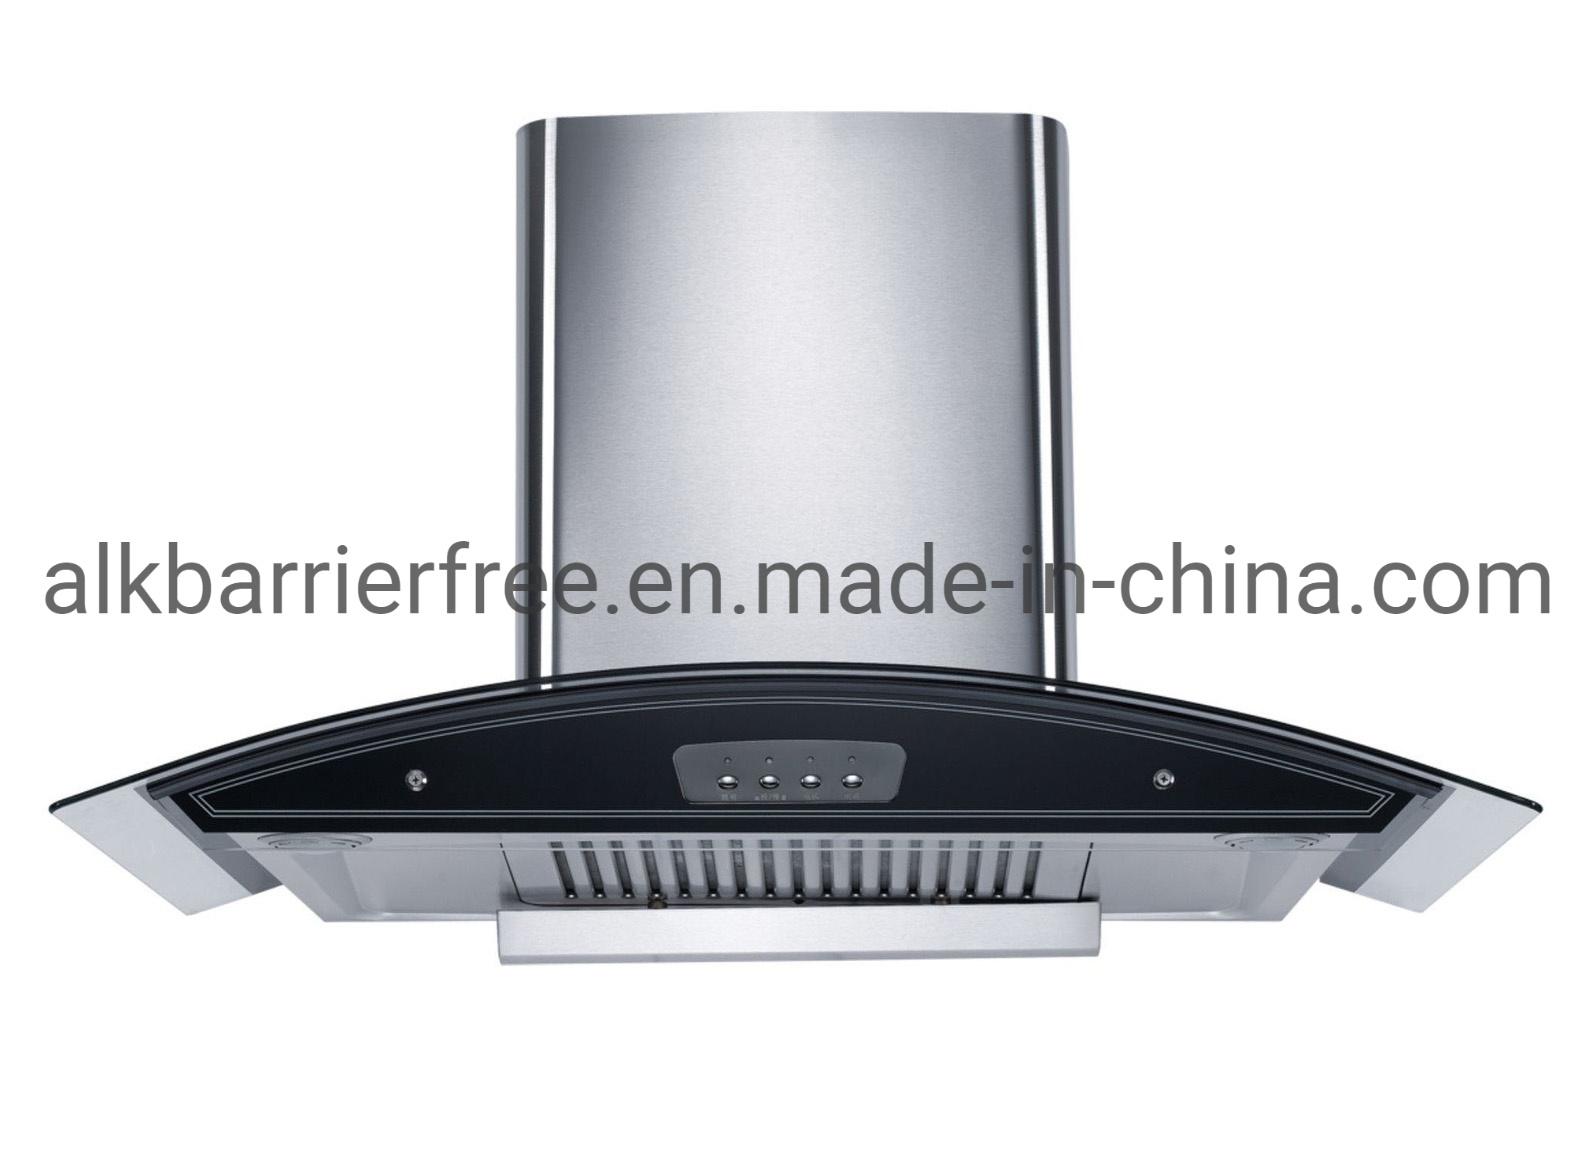 foshan alk electric appliance co ltd